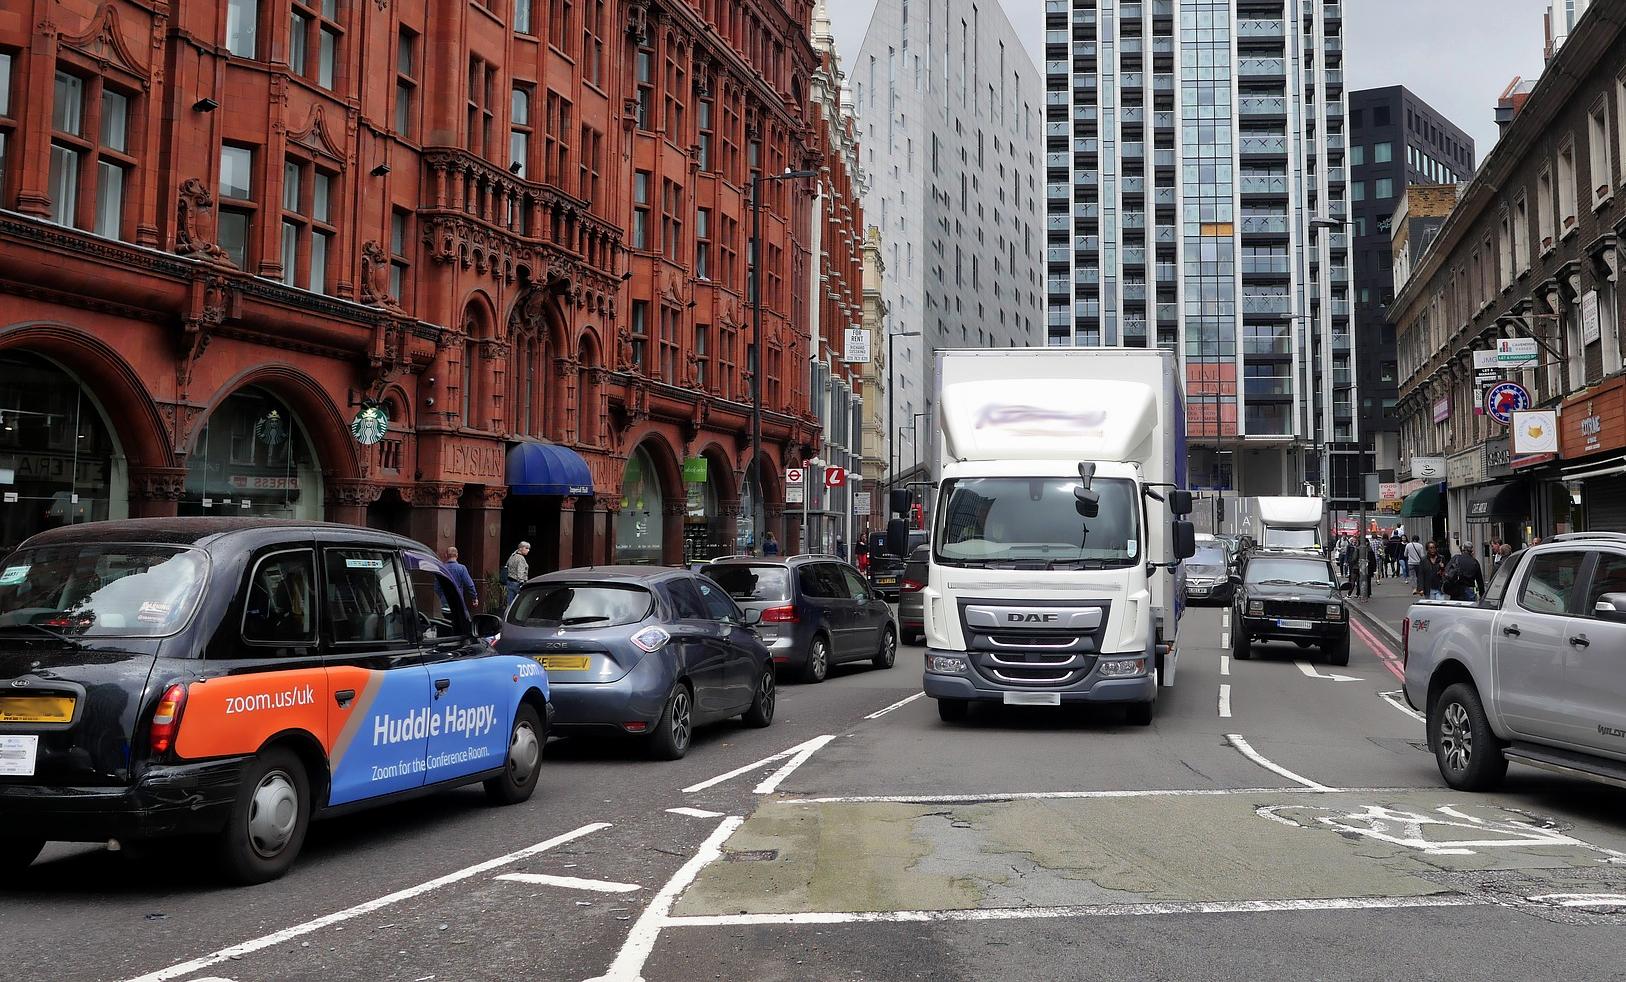 Brytyjczycy zawieszają opłaty drogowe za ciężarówki. Tak chcą pobudzić gospodarkę